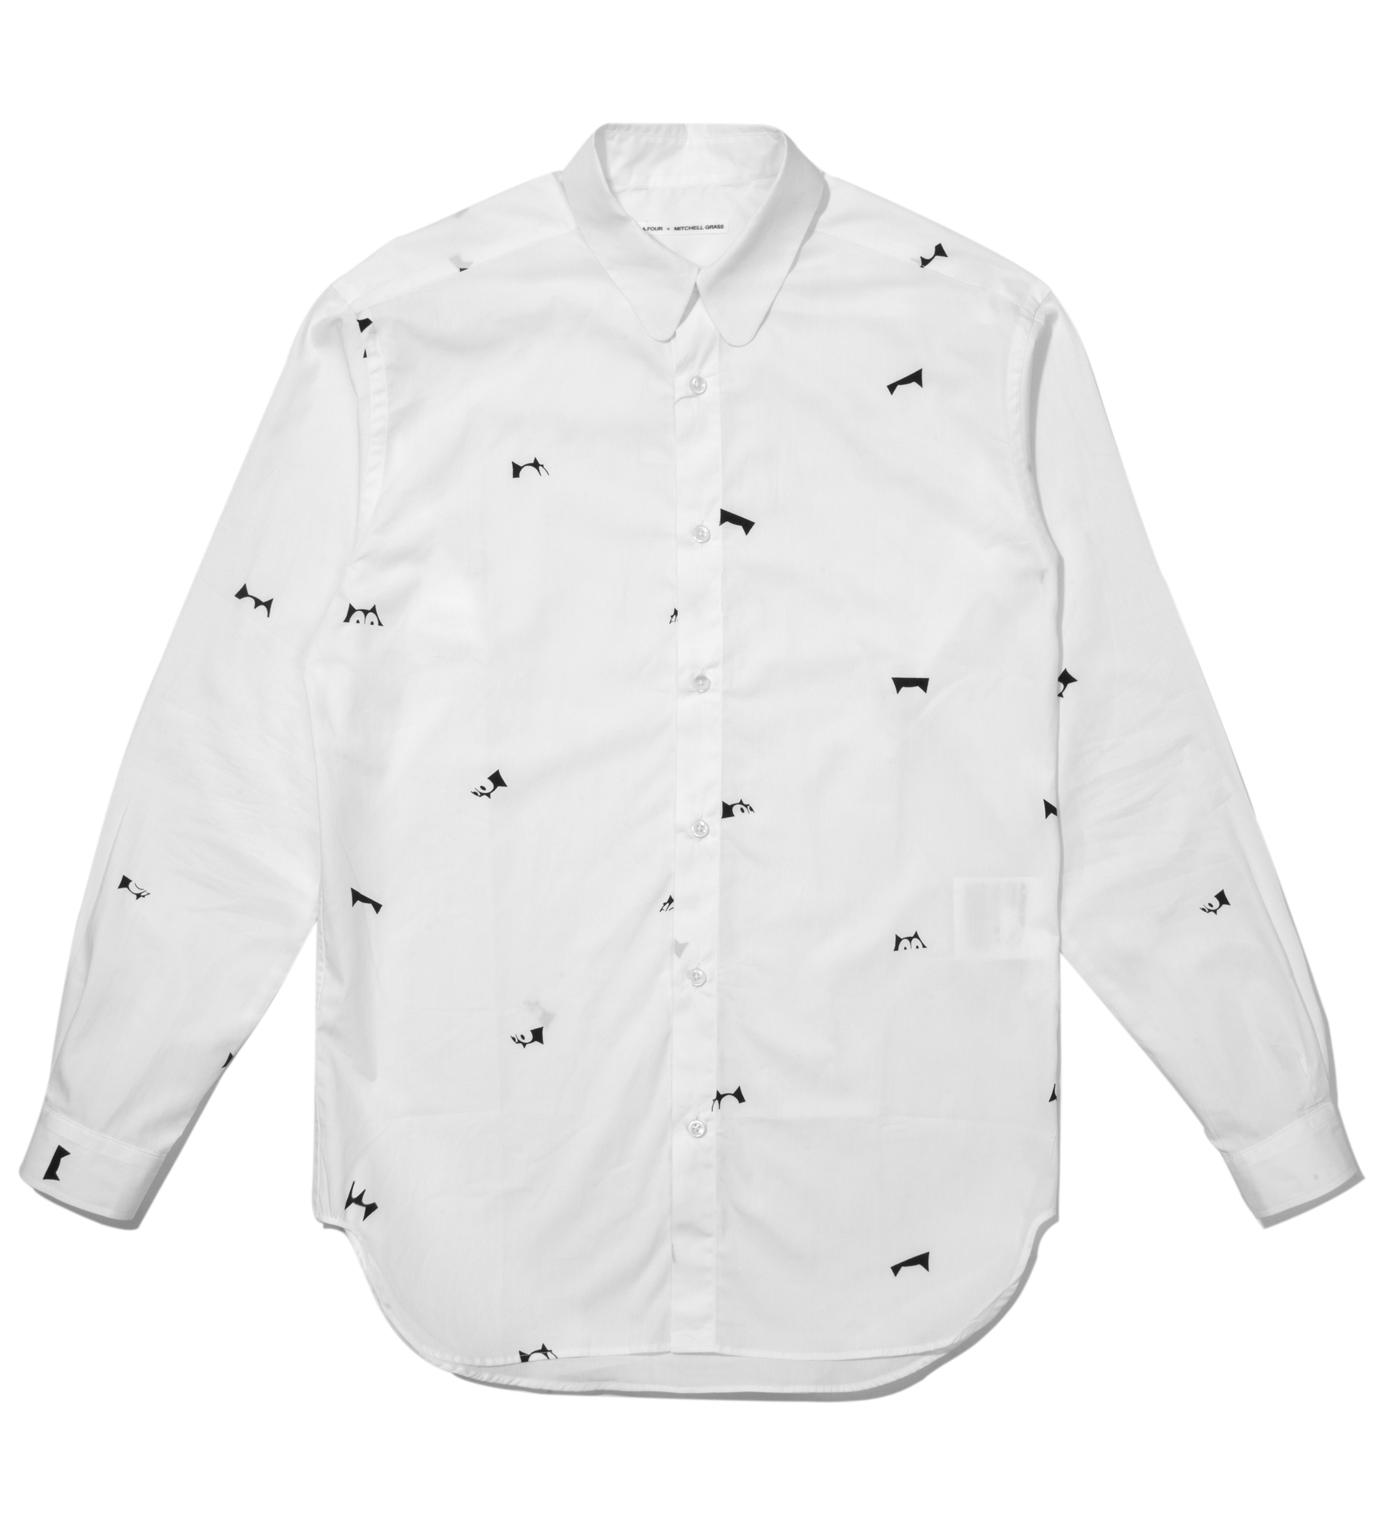 A.FOUR White Happy Accident Felix Culpa Mini Head Shirt